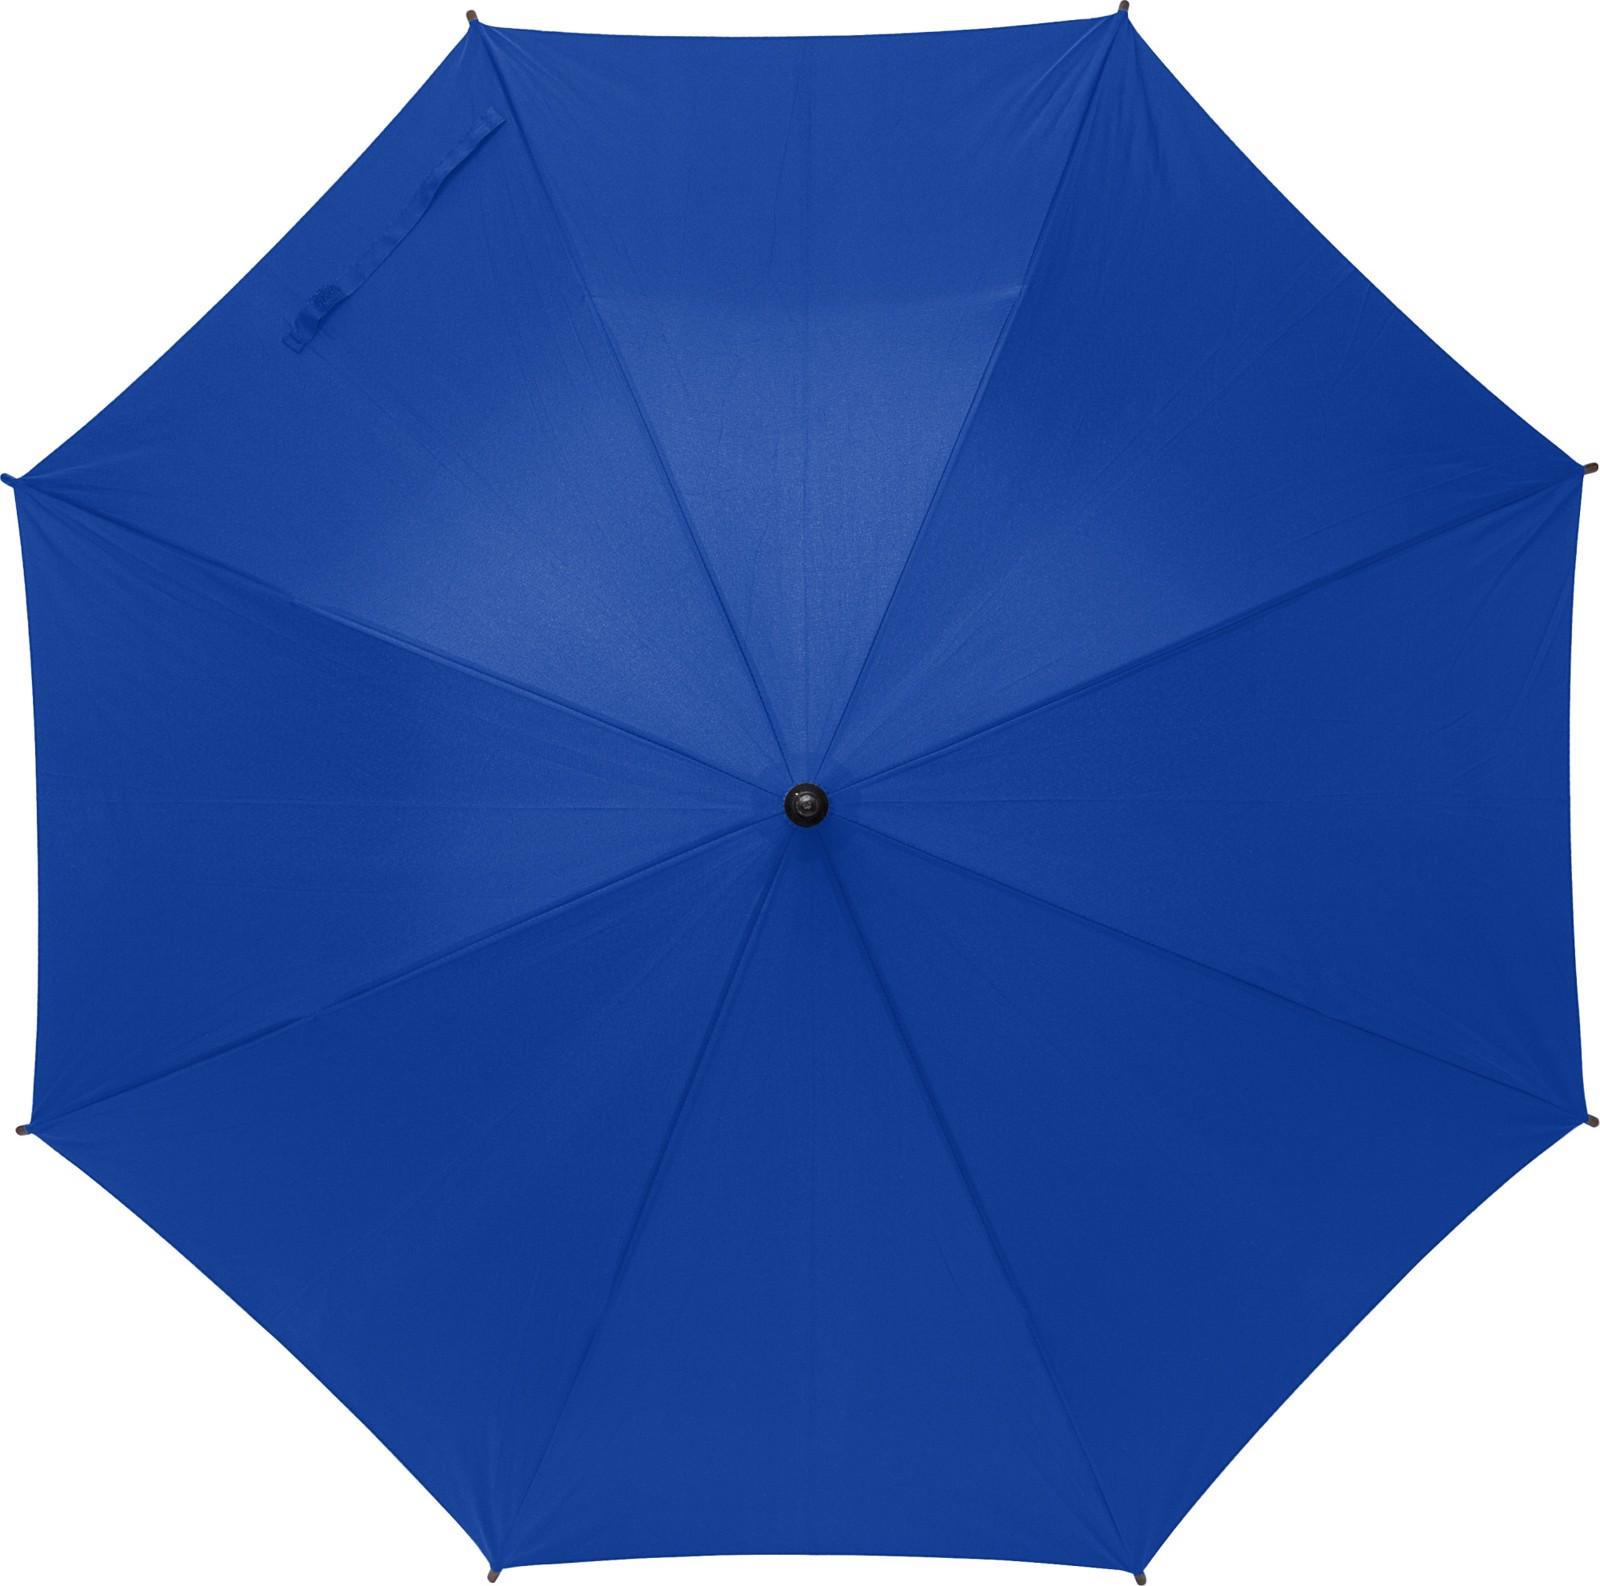 Paraguas de poliéster 170T RPET - Royal Blue